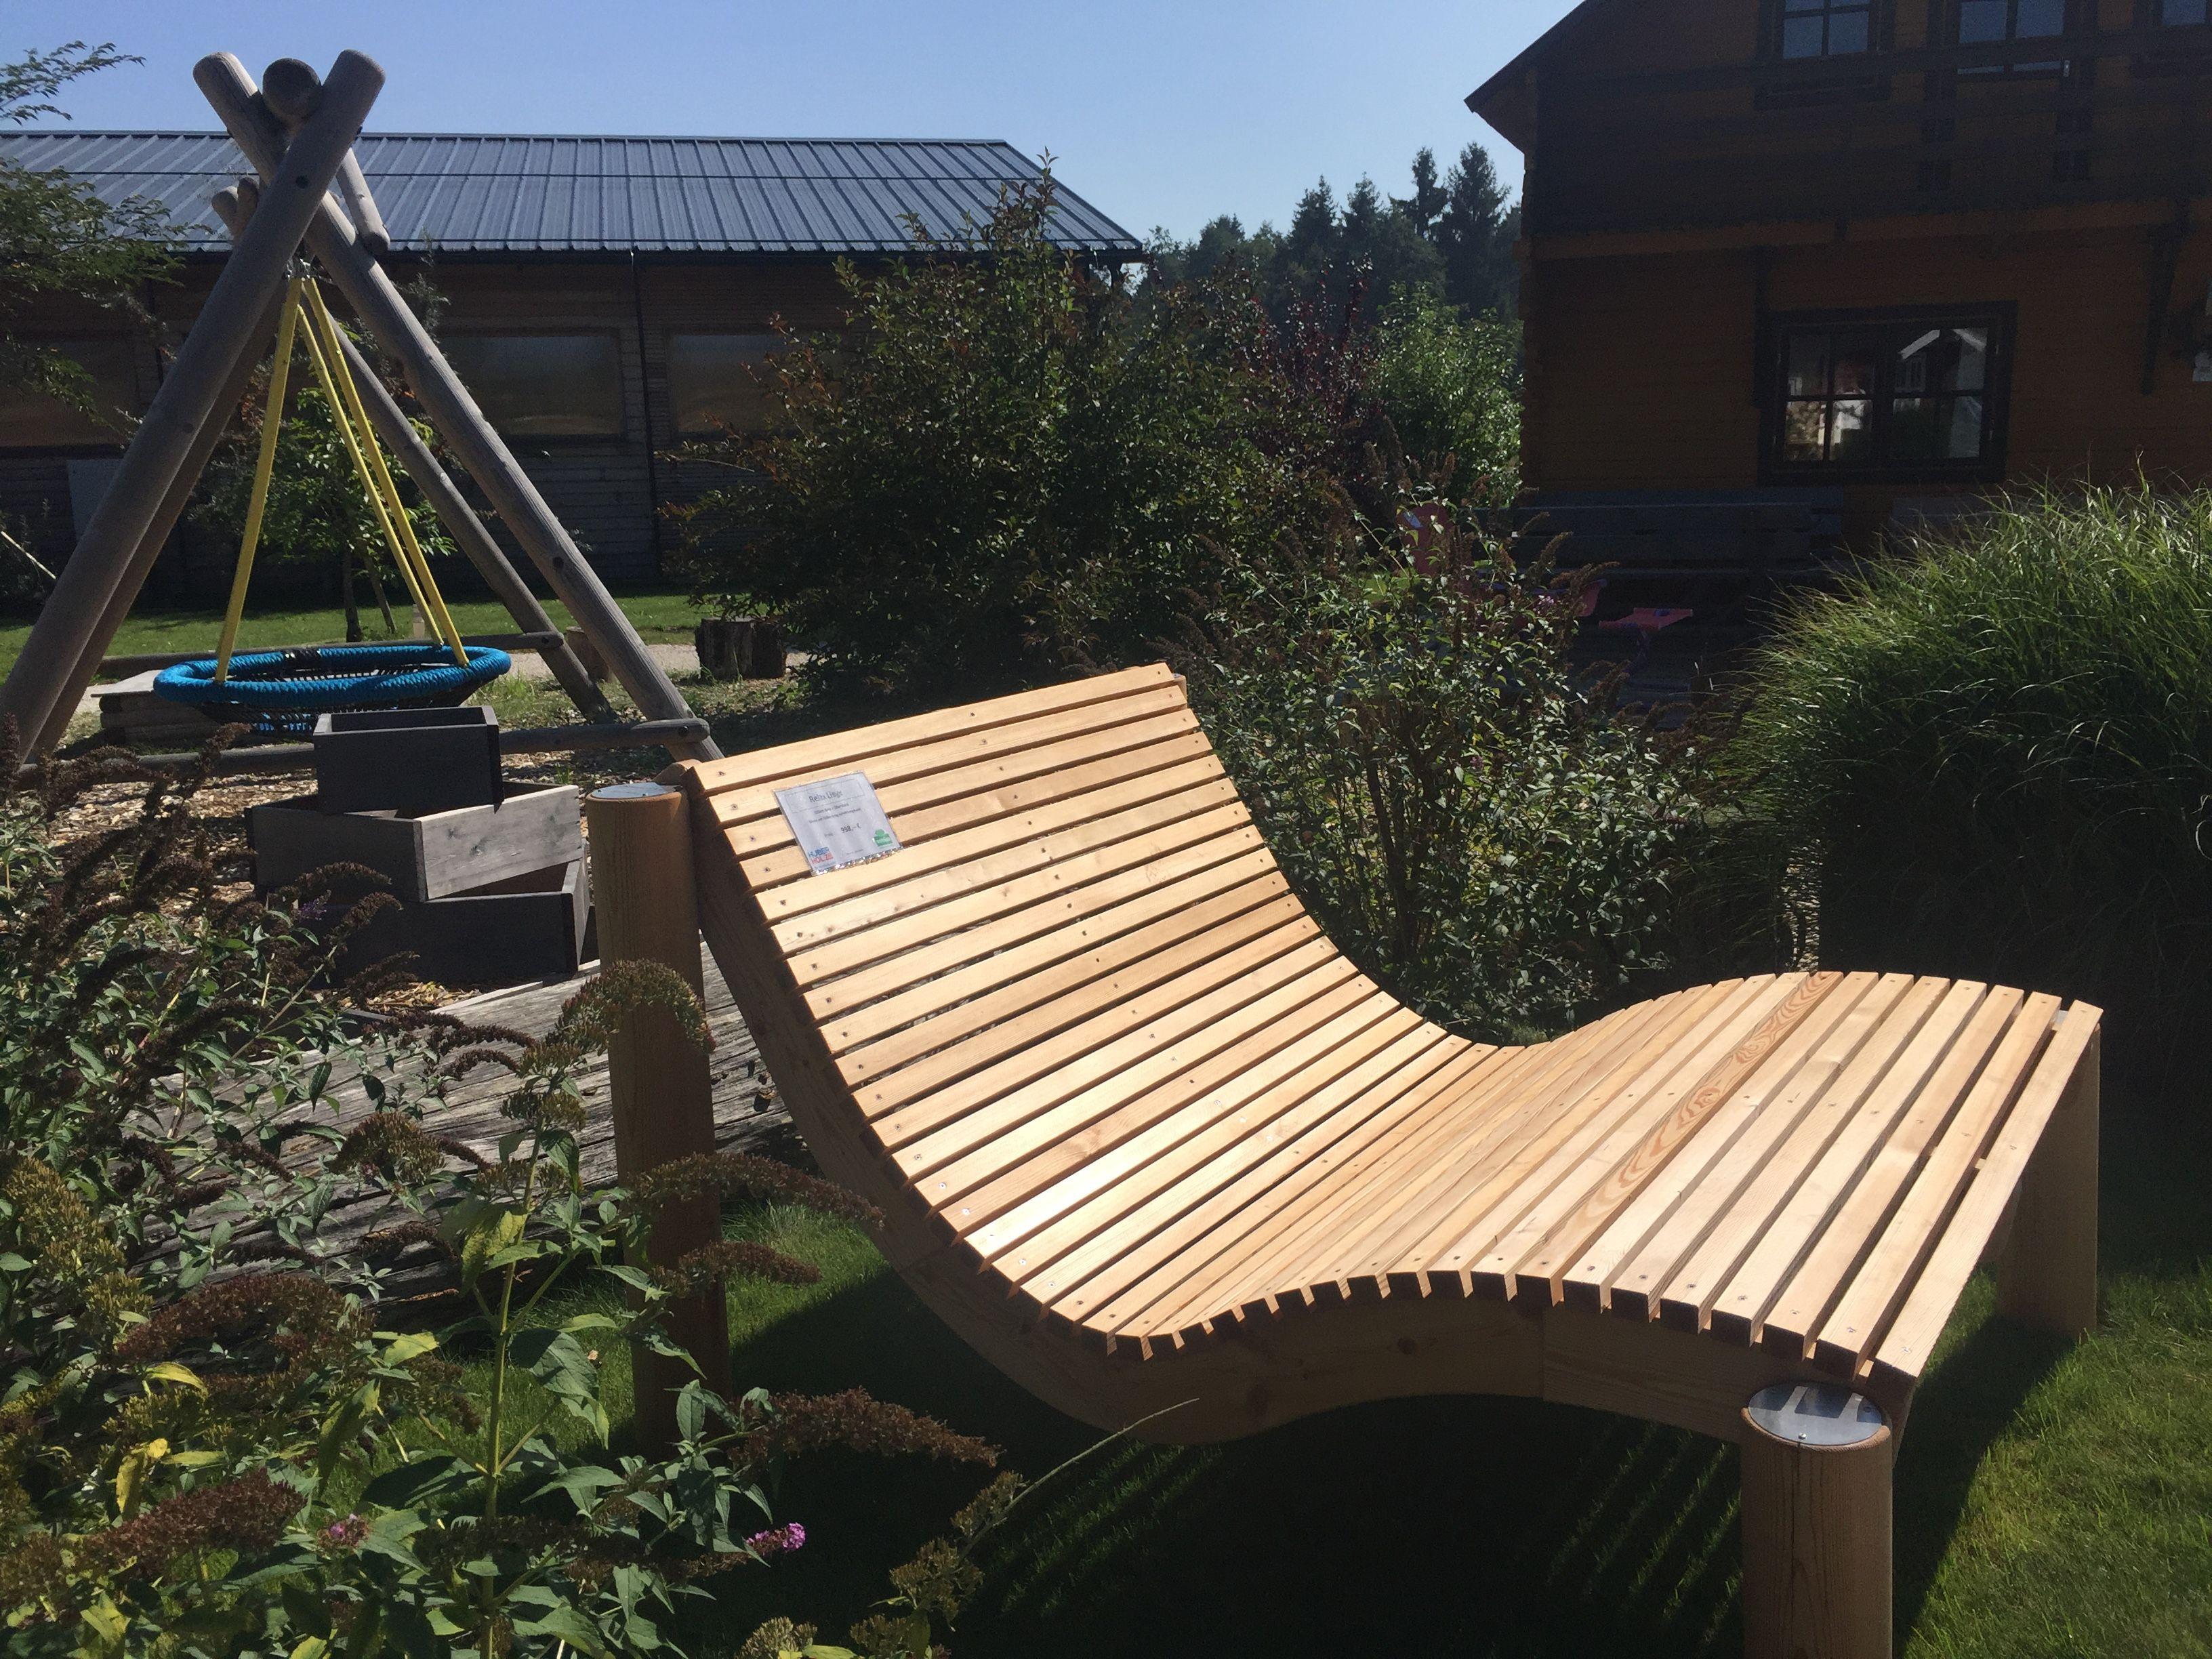 Relaxliege Für Haus Und Garten Gemütlich Für Die Ganze Familie Garten Liege Holz Weissgmbh Flachau Relaxliege Holz Spielhaus Garten Gartenliege Holz